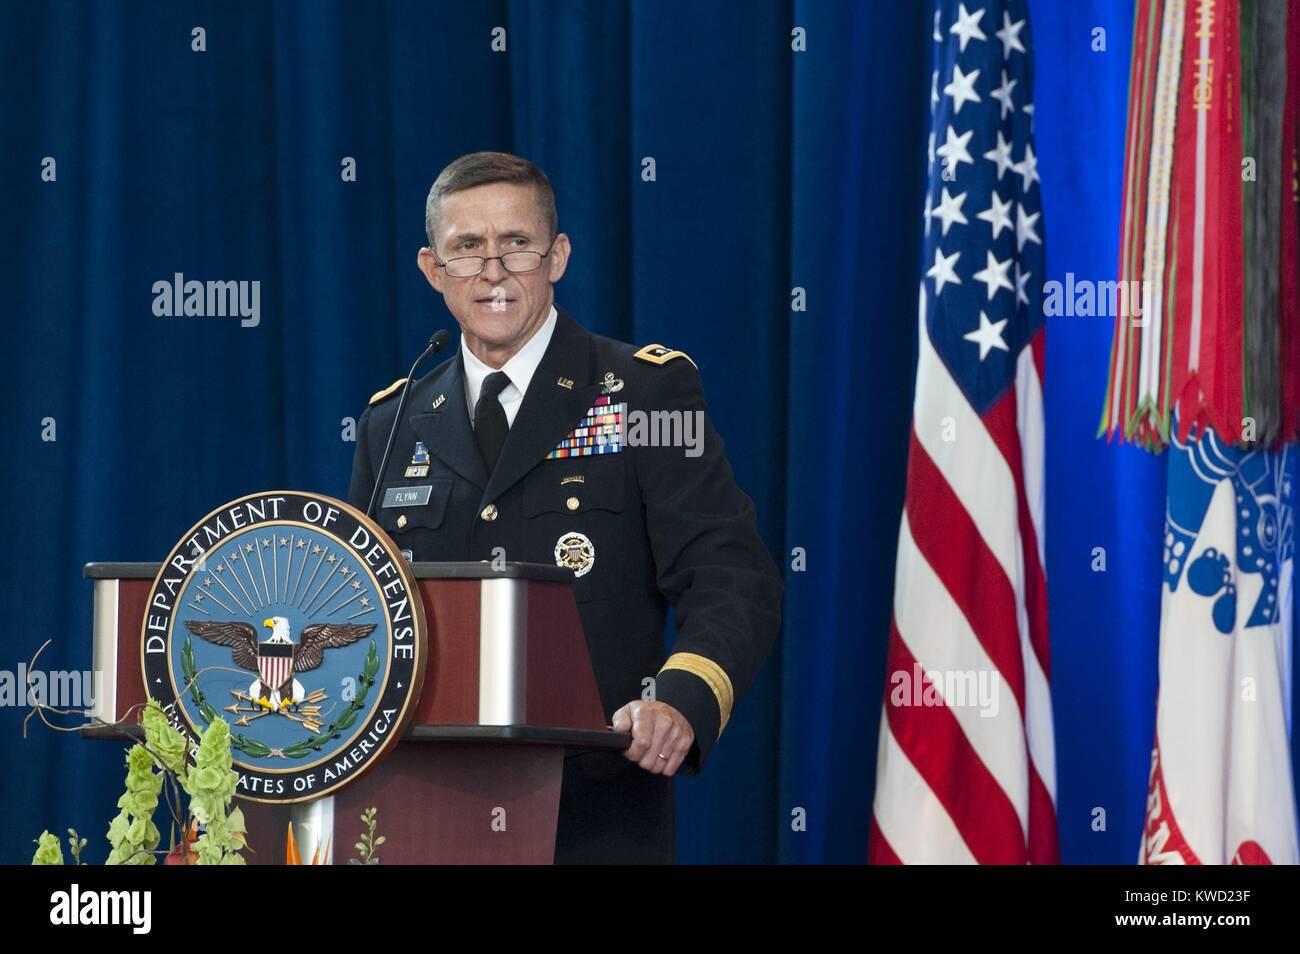 Lt. Gen. Michael Flynn speaks after assuming Directorship of Defense Intelligence Agency, July 24, 2012. He served - Stock Image